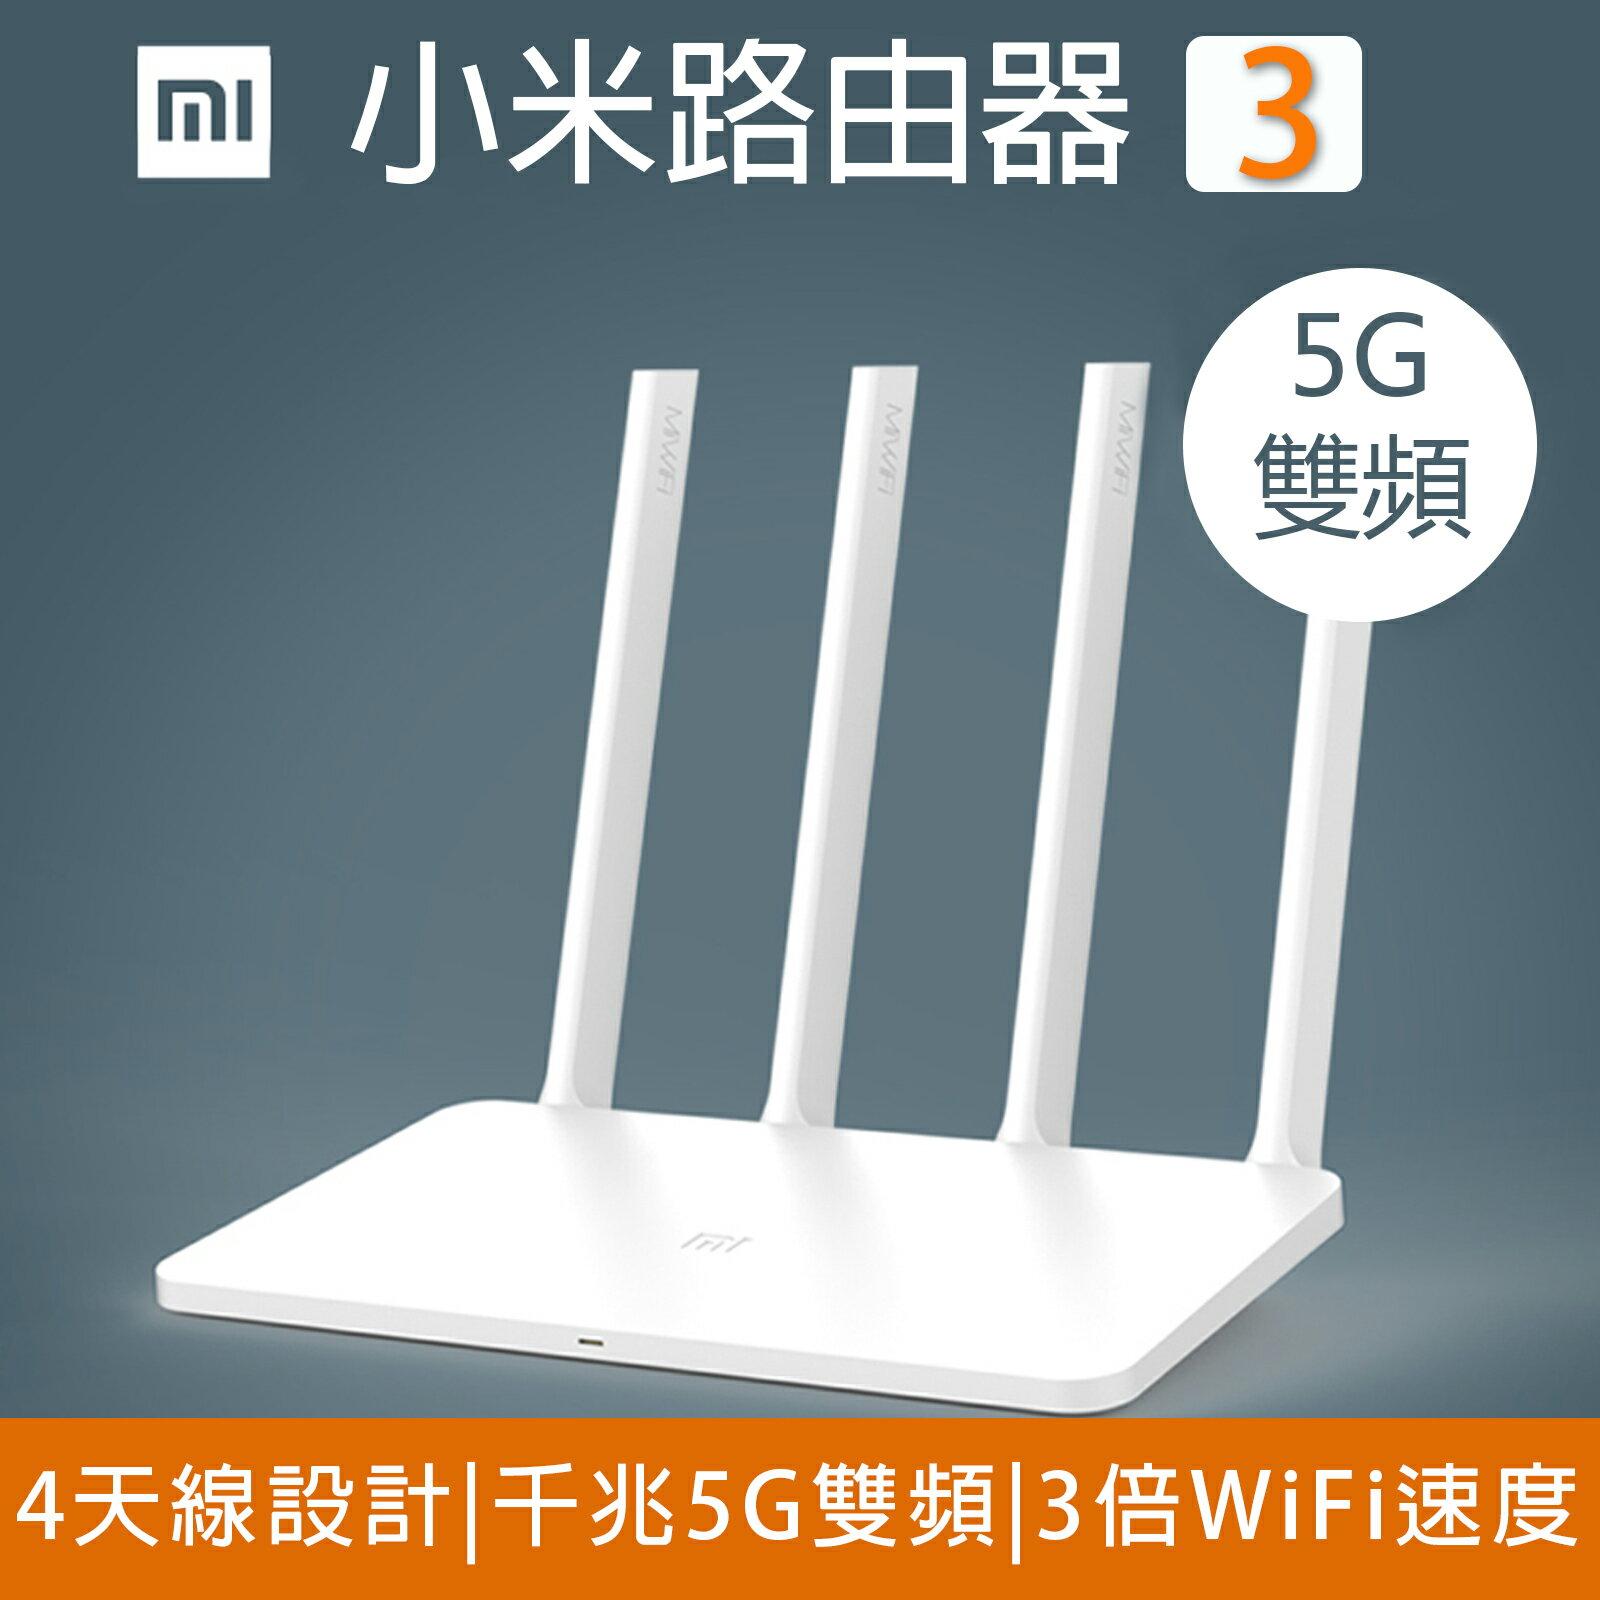 【原廠正貨】最新小米路由器 3代 WiFi 4天線 5G 寬頻 無線上網【O3214】☆雙兒網☆ 2